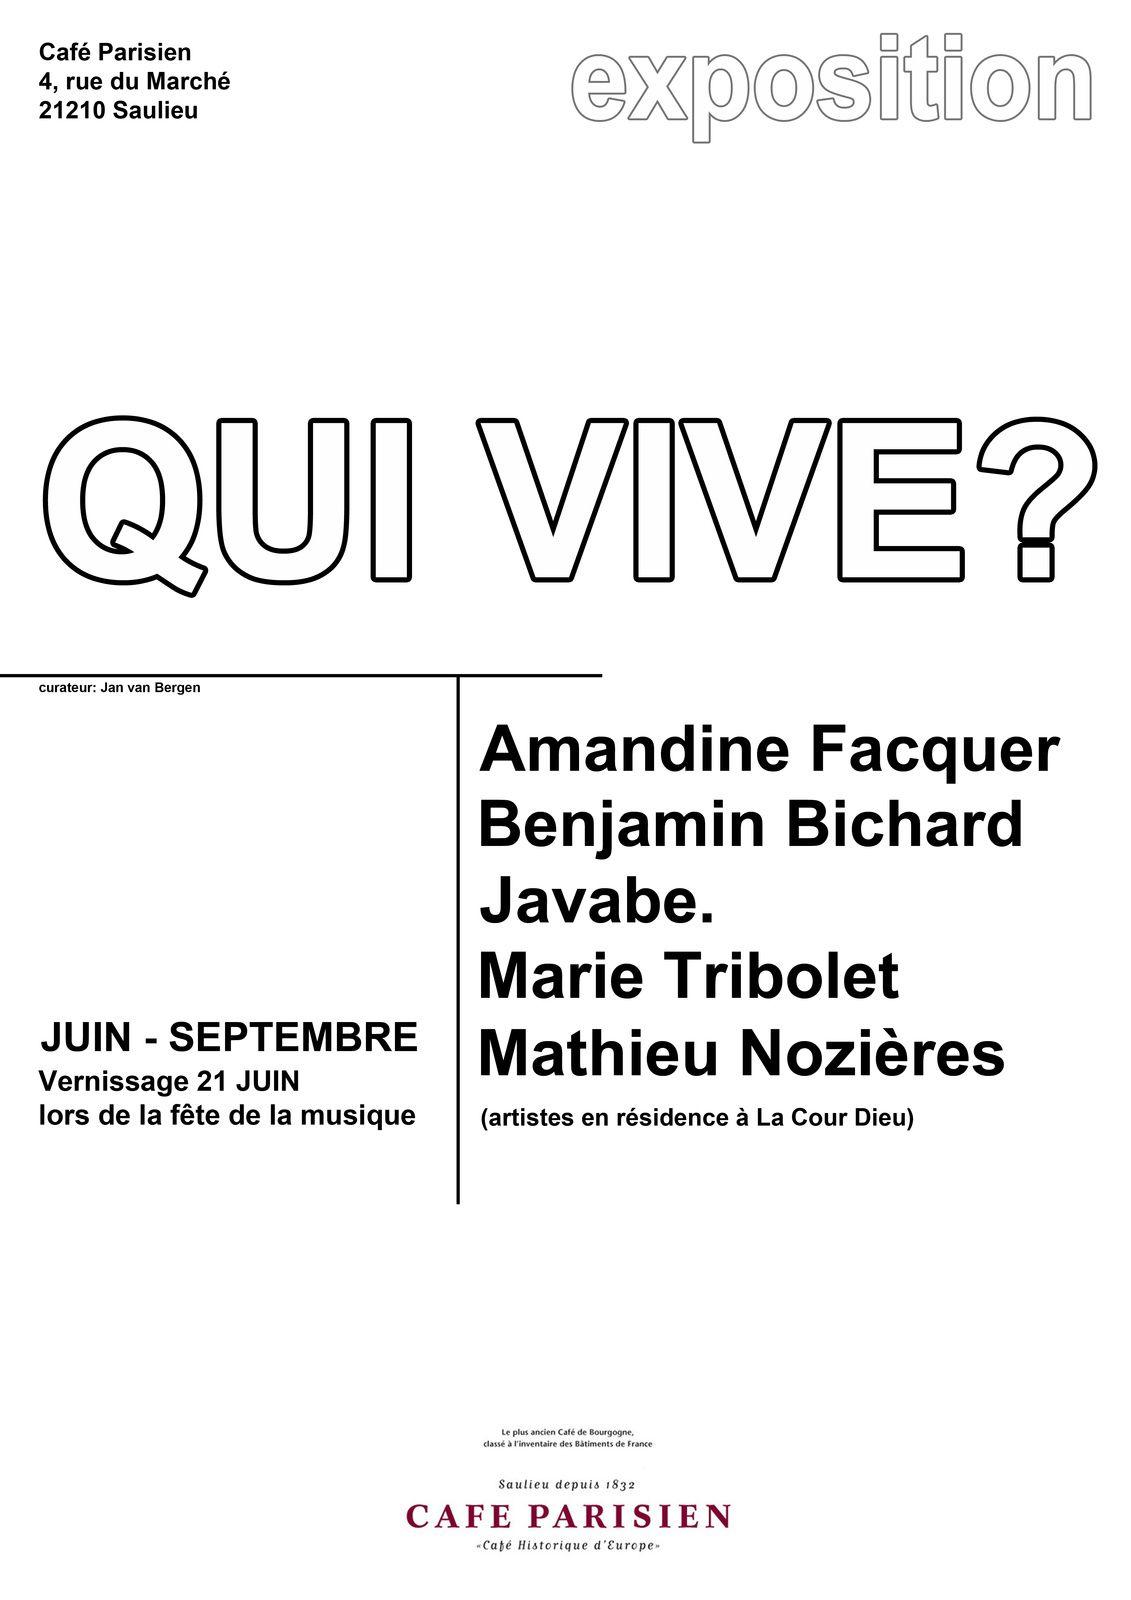 Qui vive? une exposition du 21 juin au 30 septembre 2014